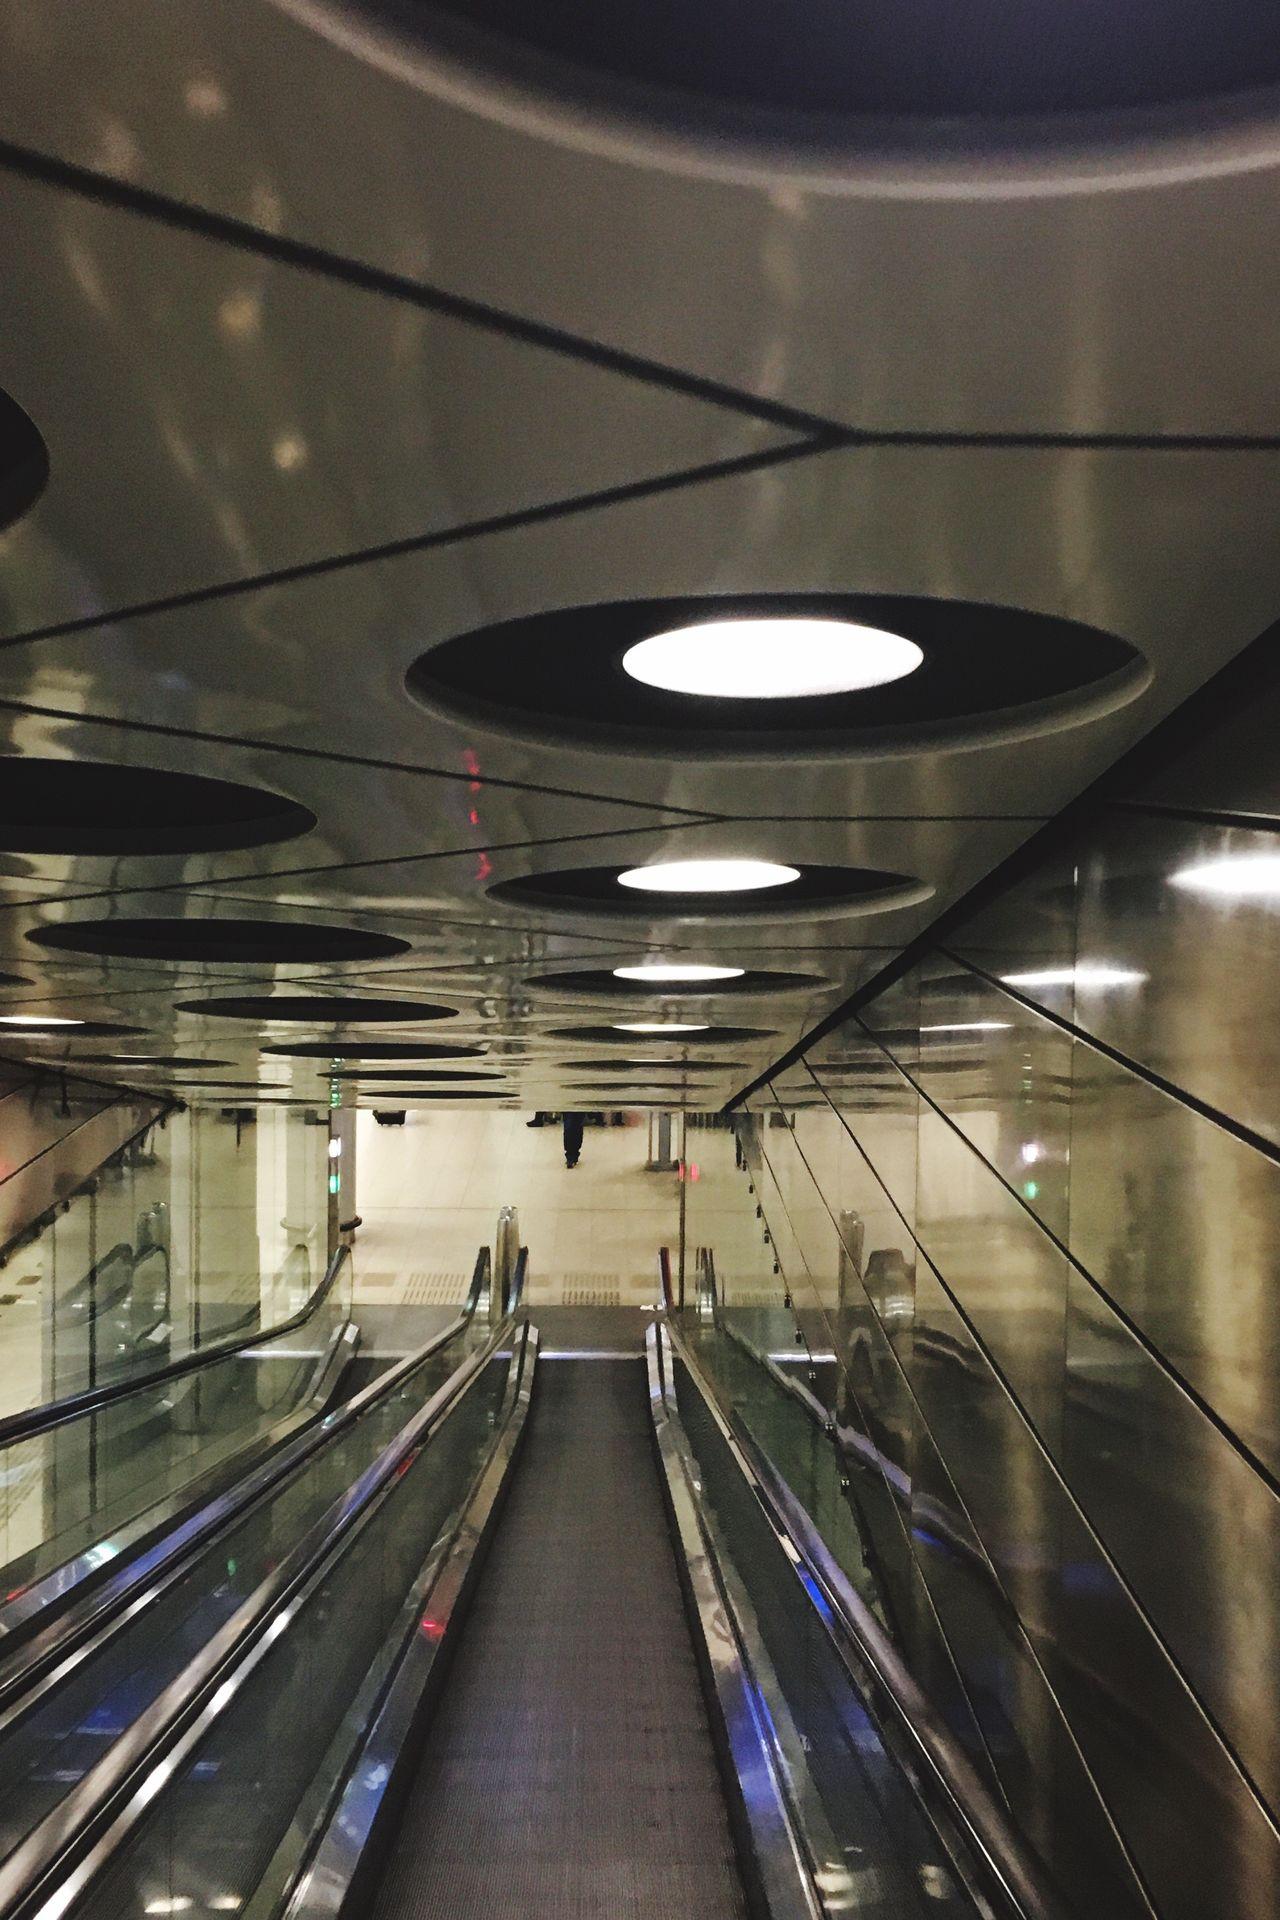 Illuminated Lighting Equipment Indoors  No People Night Escalator